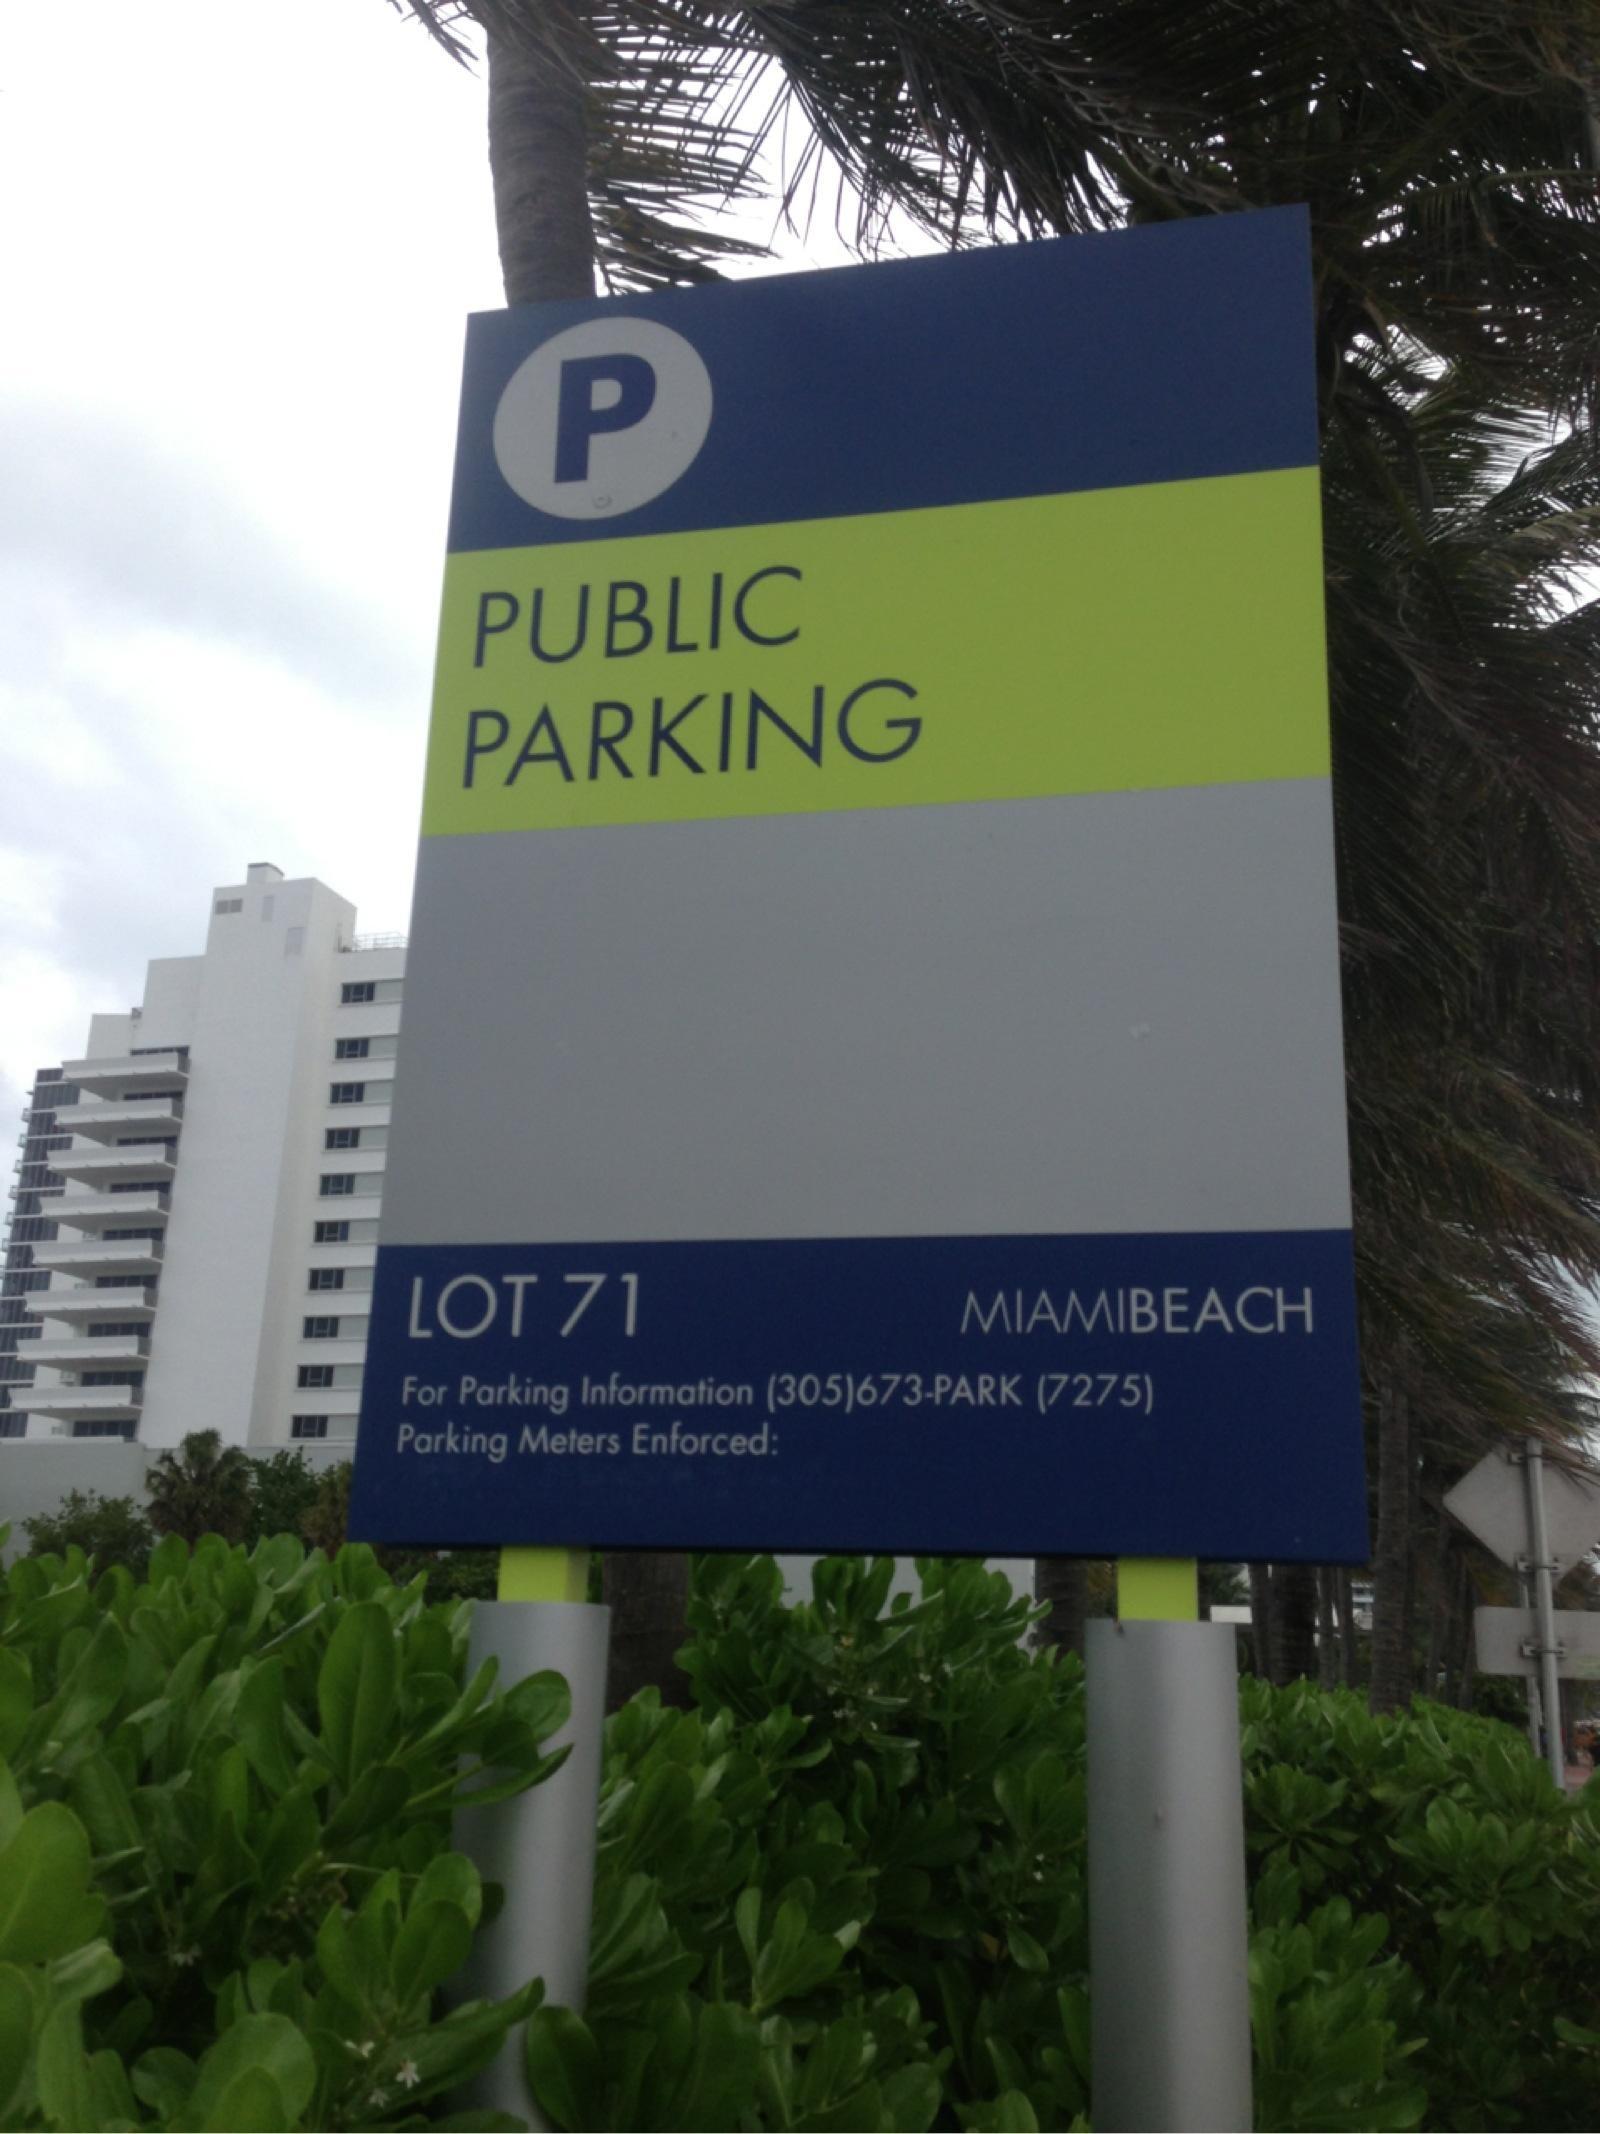 lot p71 - parking in miami beach   parkme